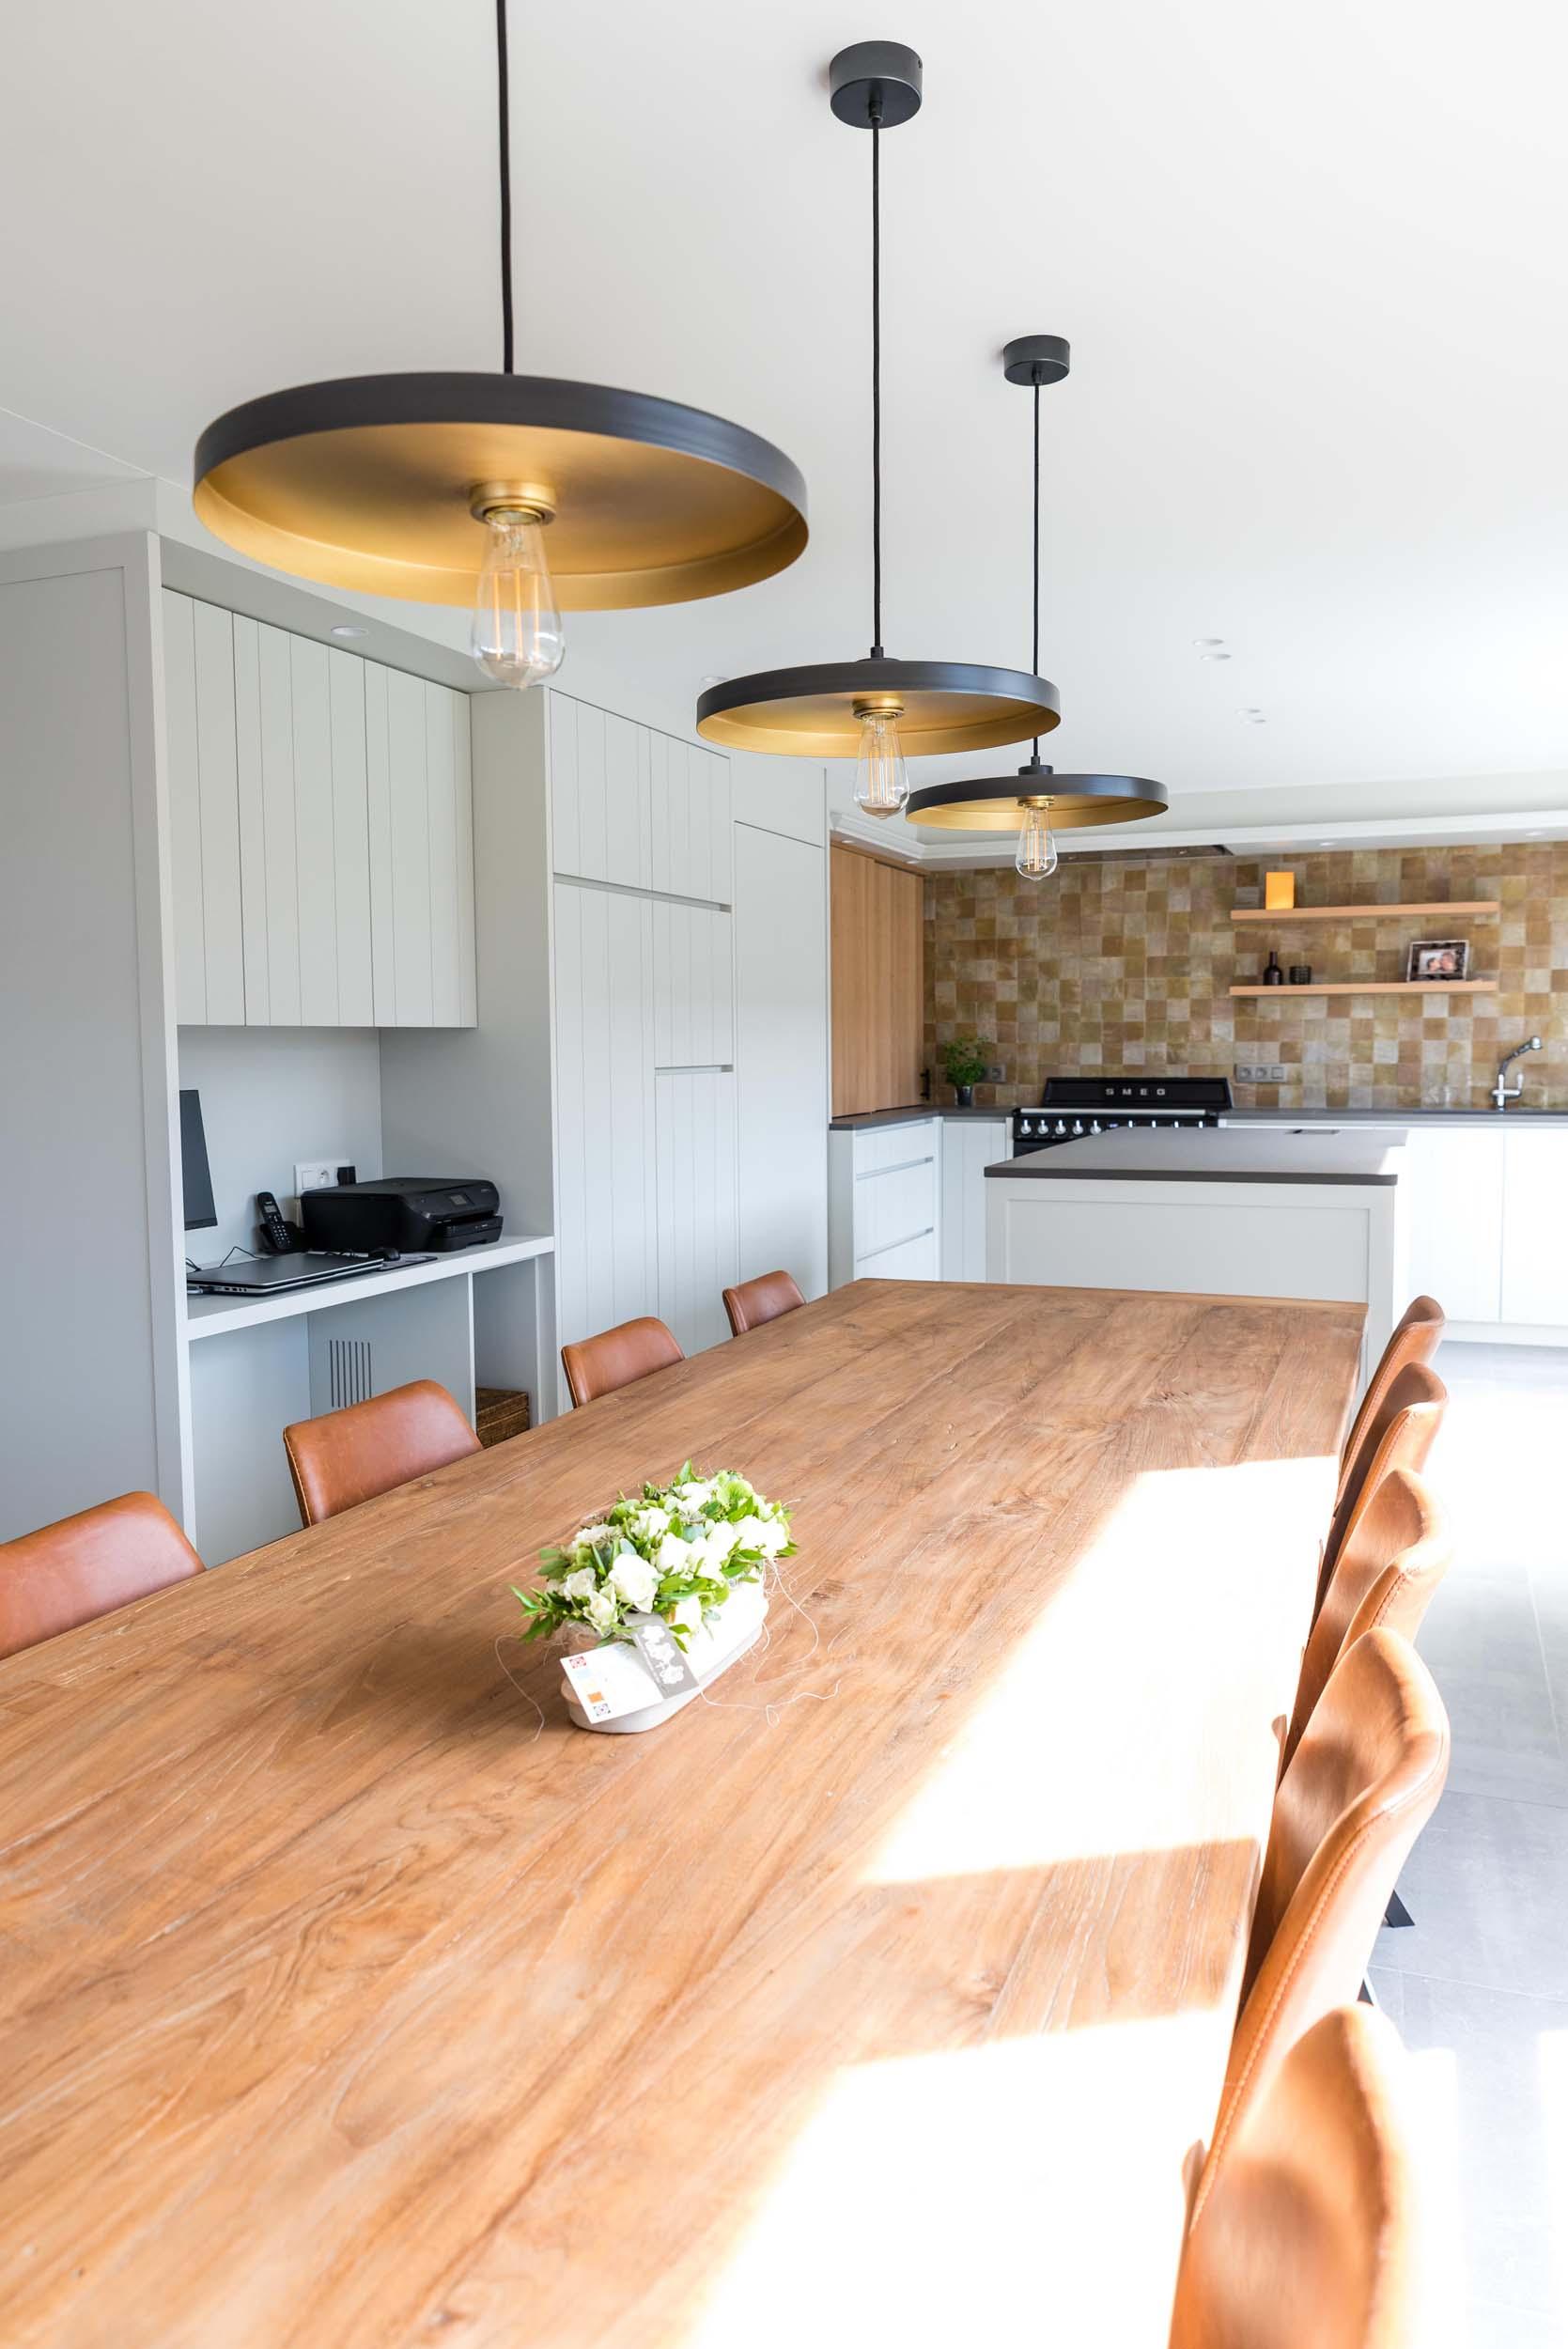 Vanda-projects-interieurinrichting-meubelmakerij-oost-vlaanderen-six-marke-eettafel-lampen